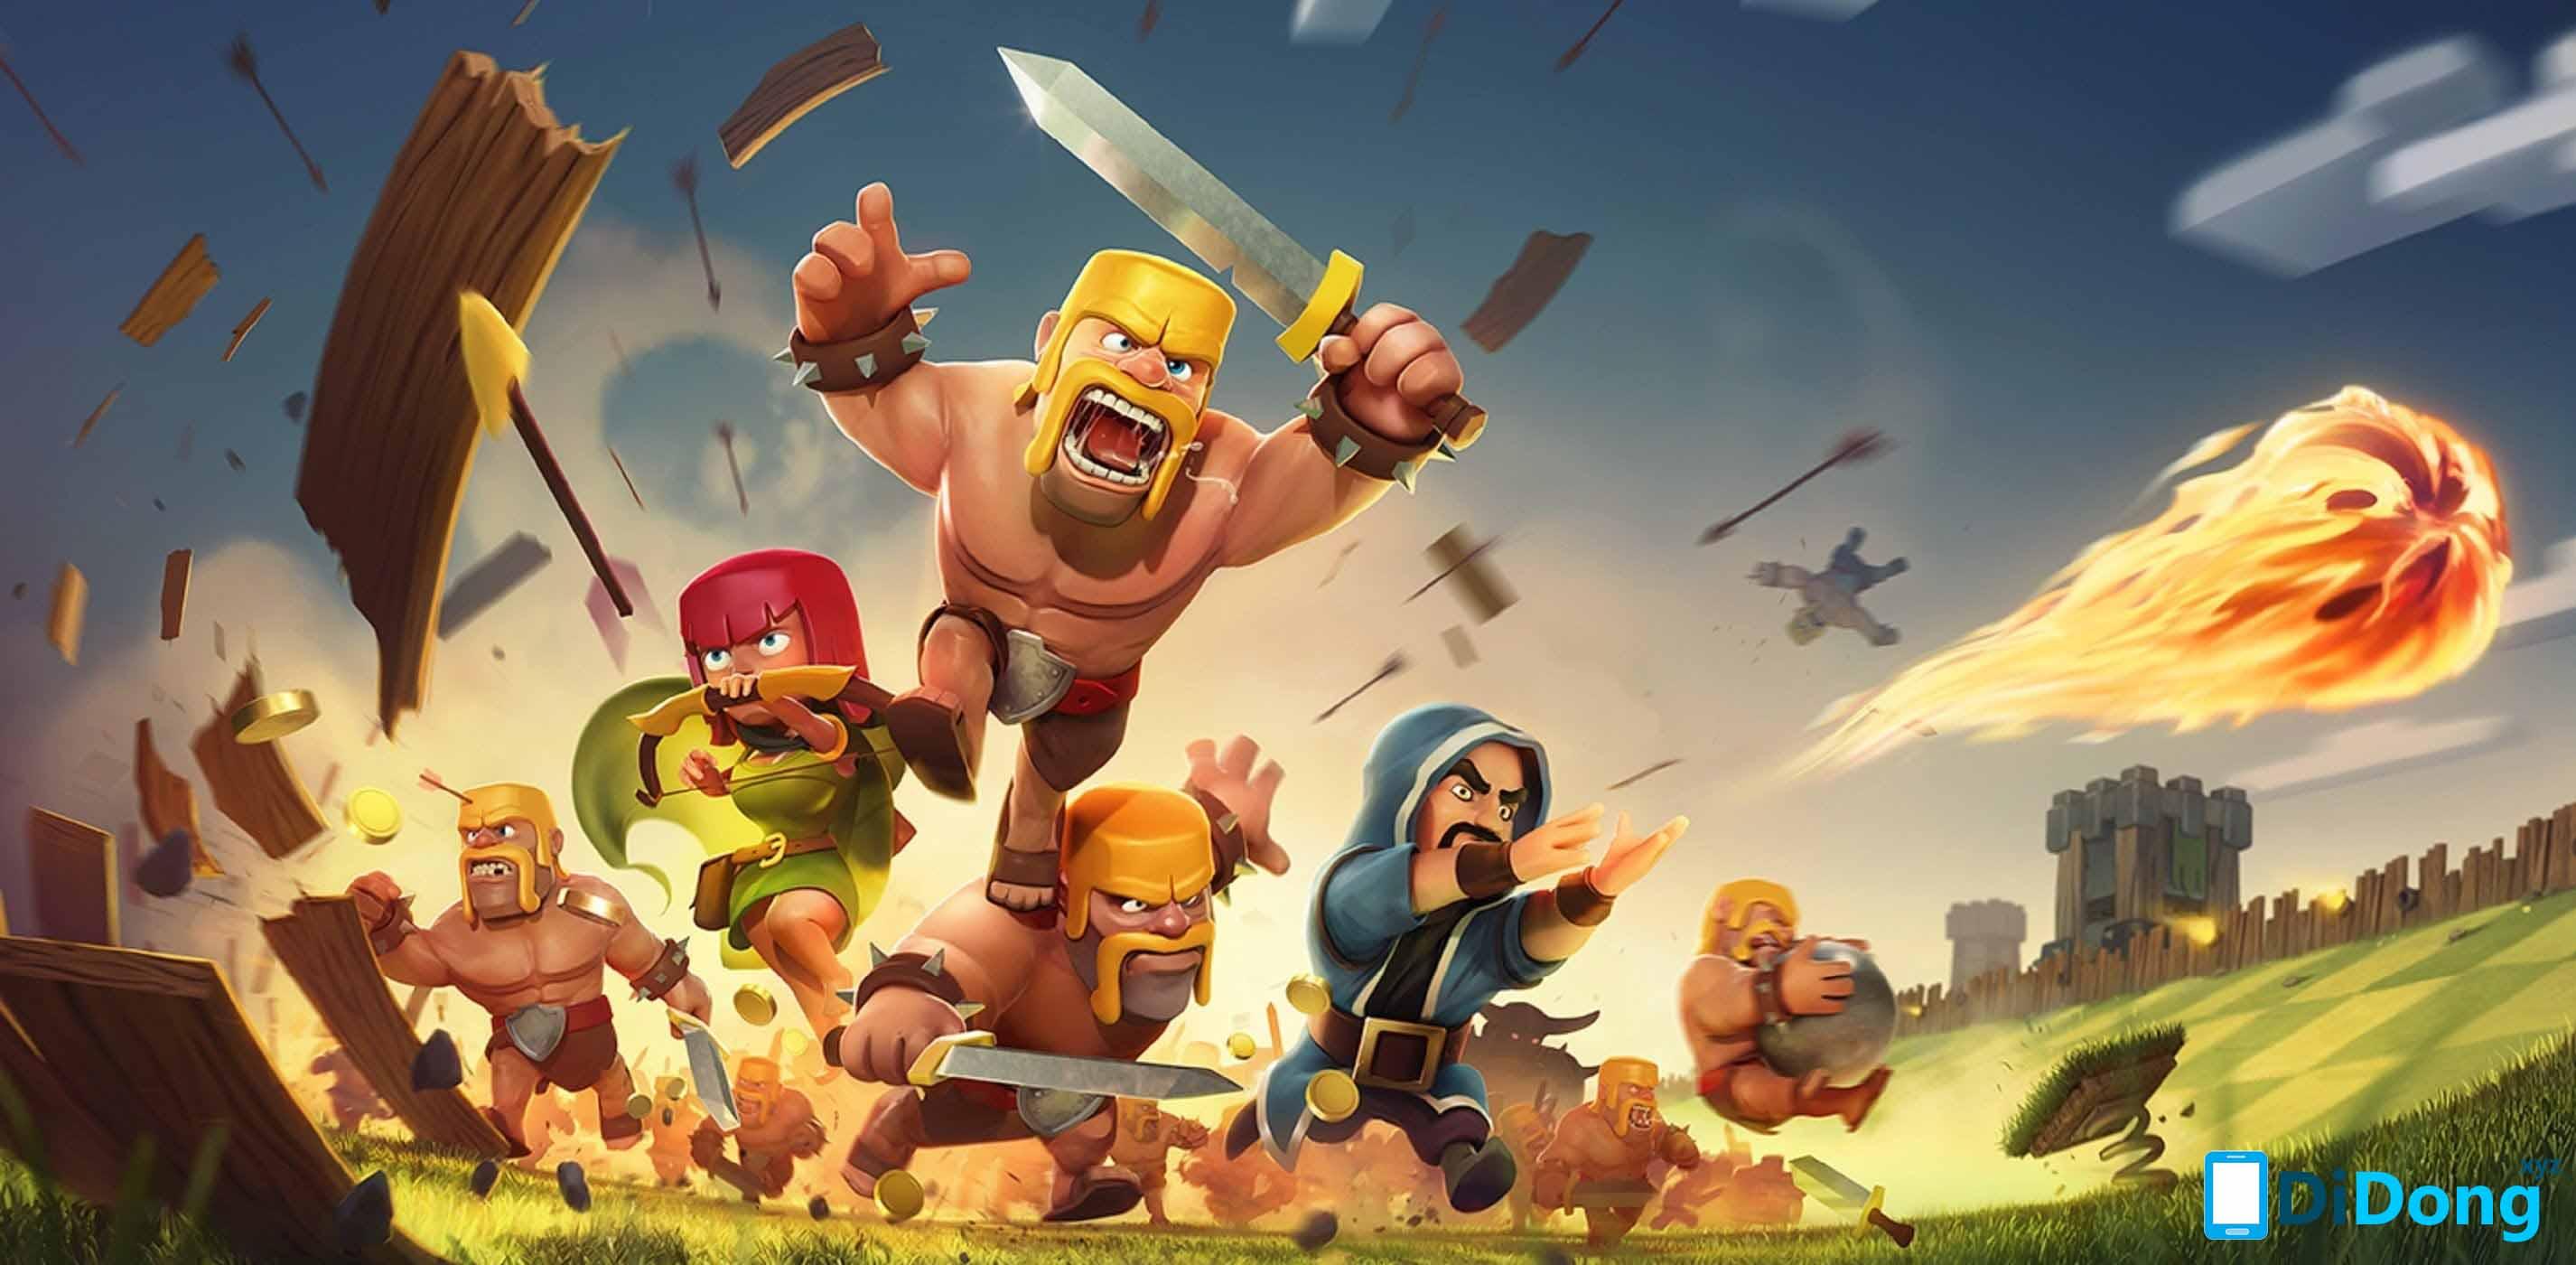 Download Clash Of Clans APK phiên bản mới nhất